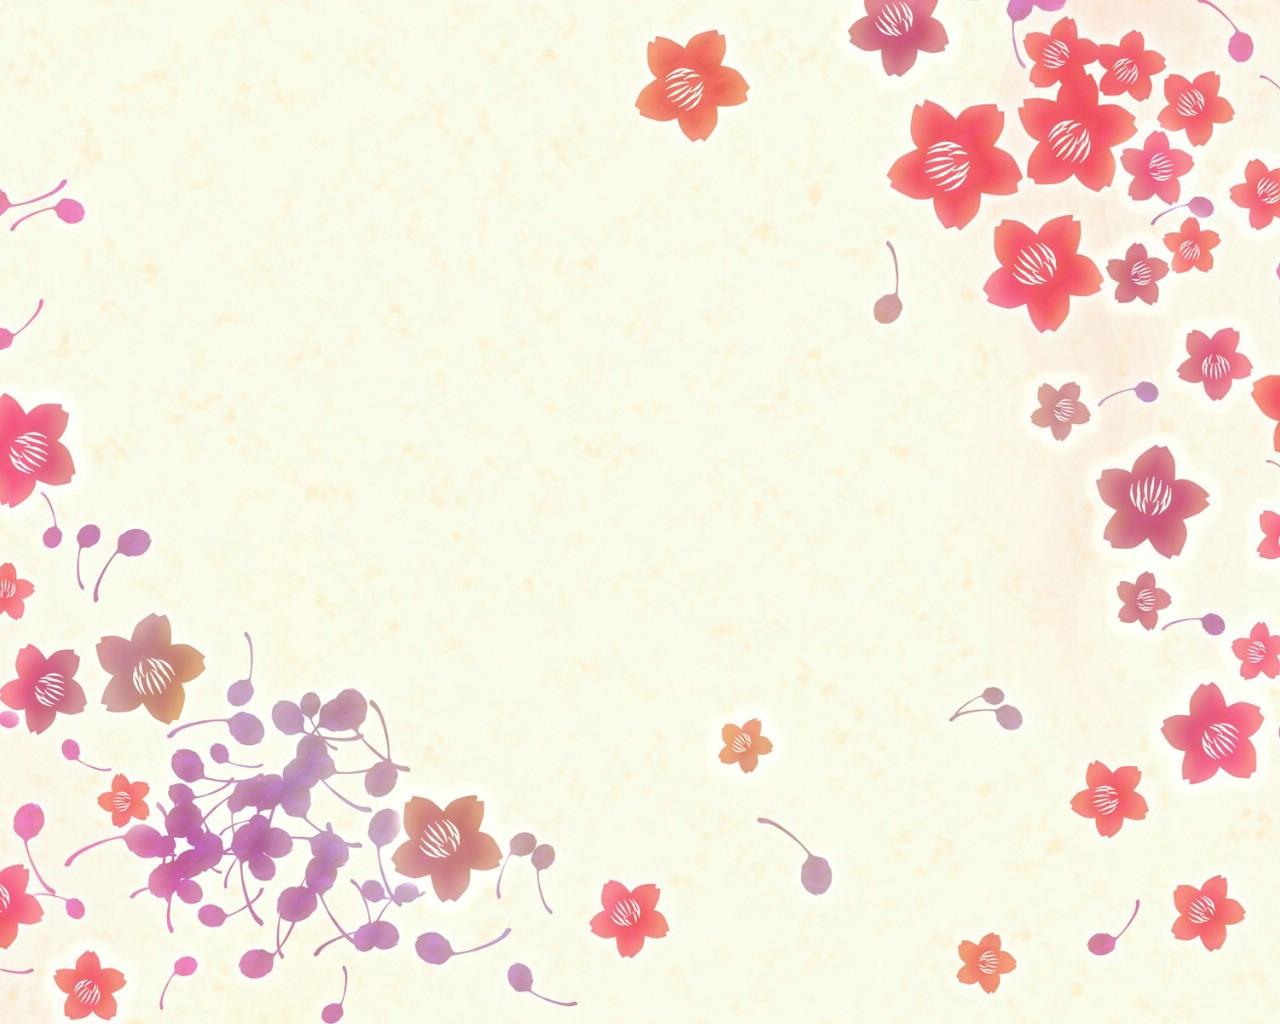 电脑壁纸小碎花大图唯美小碎花qq皮肤大图小碎花